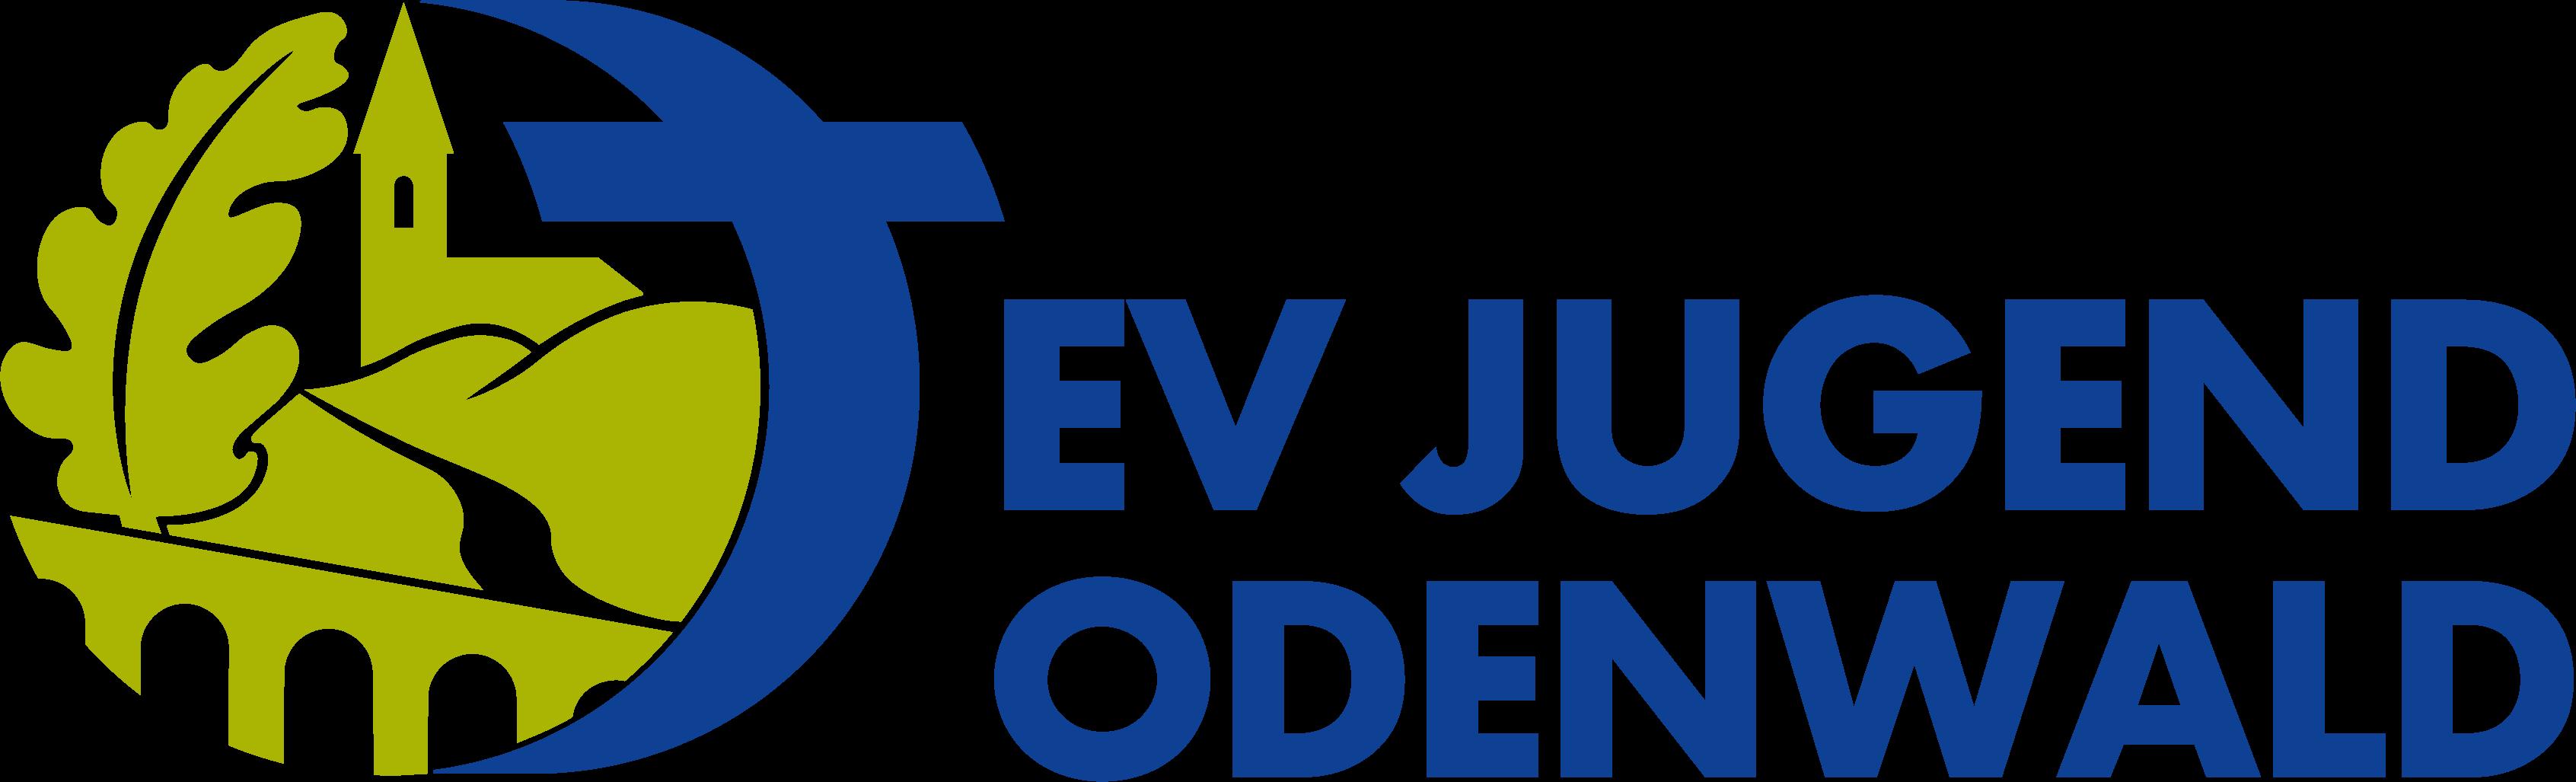 Evangelische Jugend Odenwald